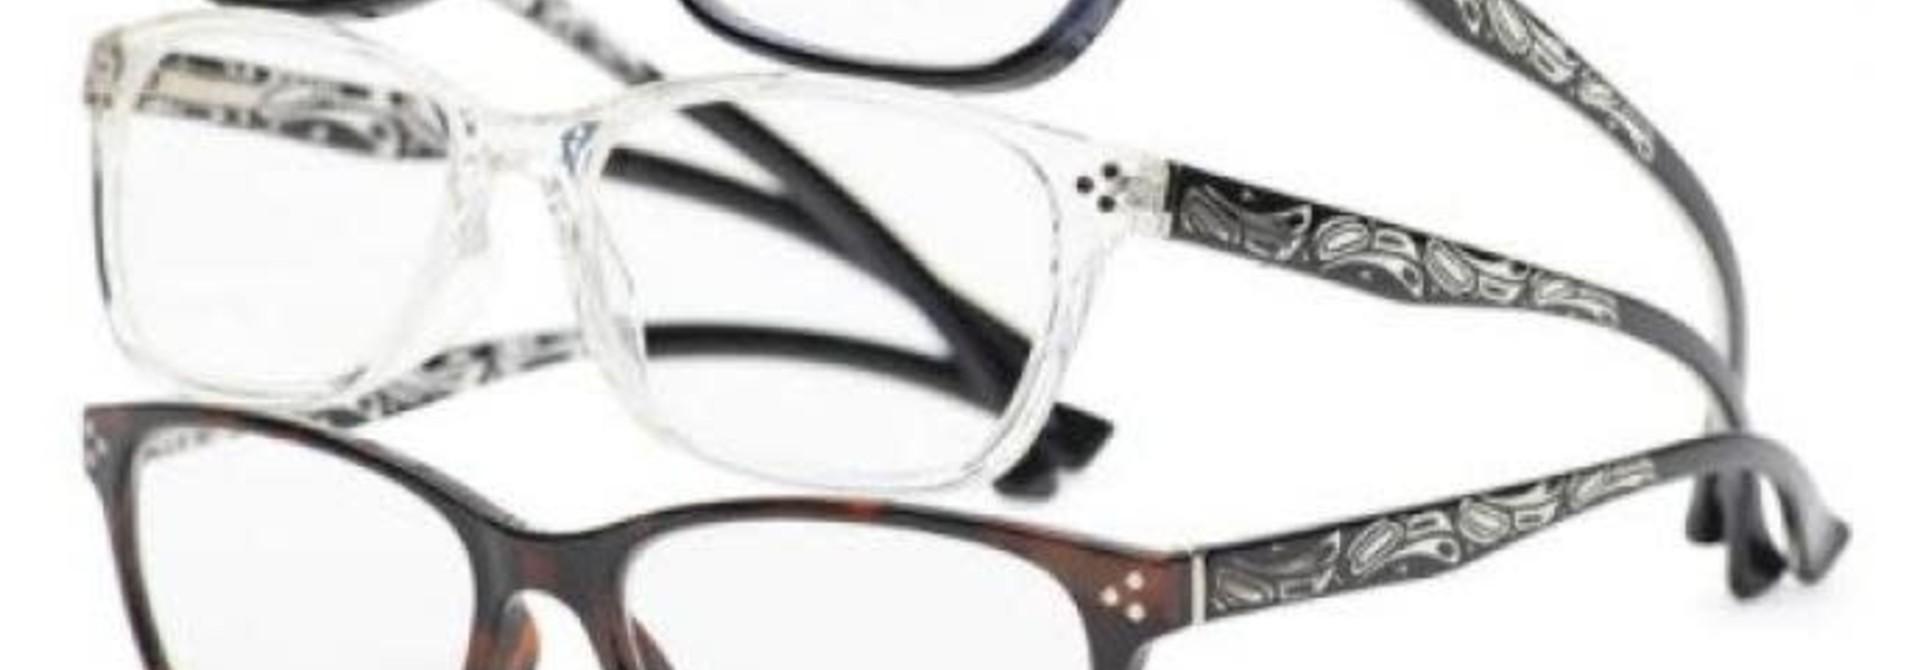 Chelsea Raven Reading Glasses by Corrine Hunt